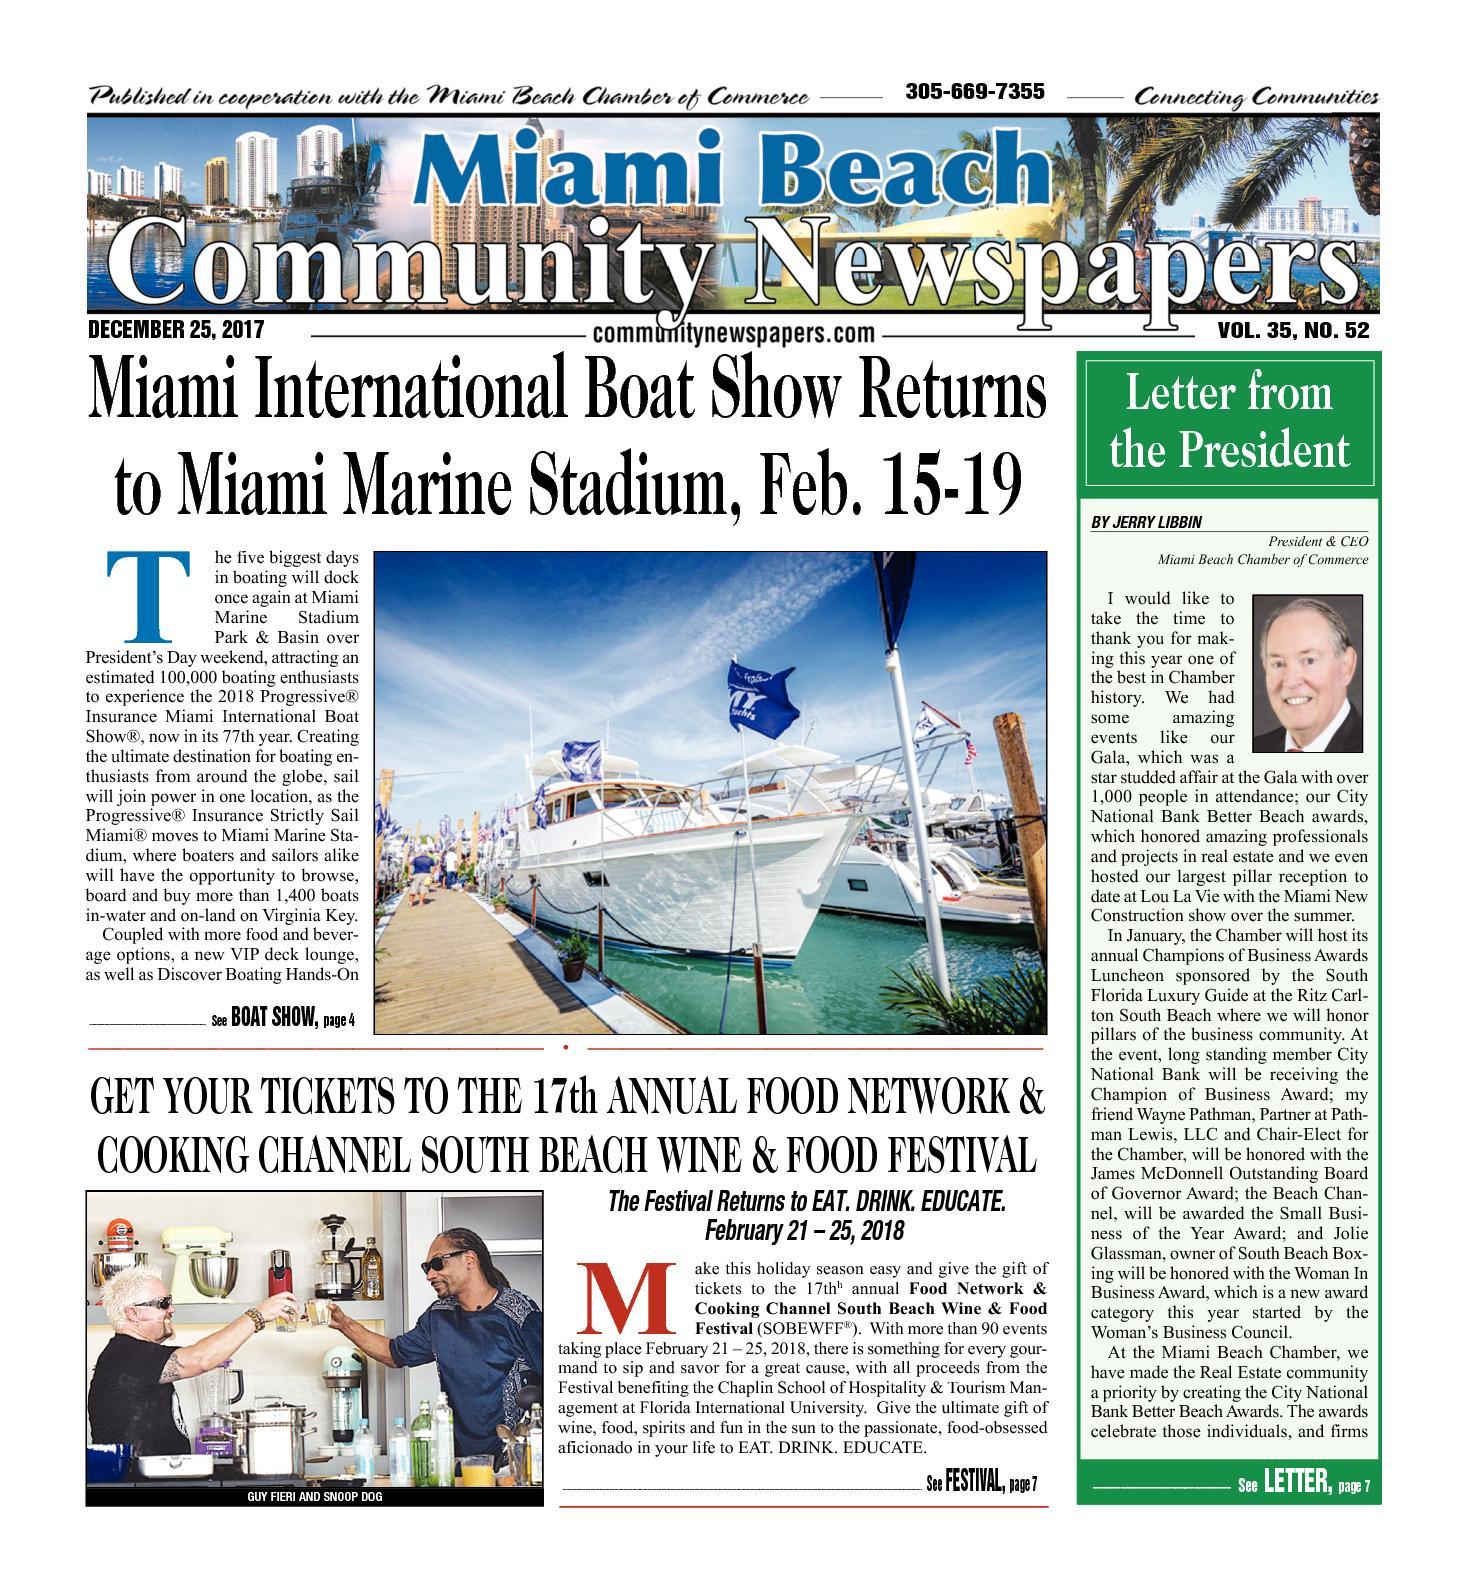 Avis Spa De Nage Clair Azur calaméo - miami beach news 12.25.2017